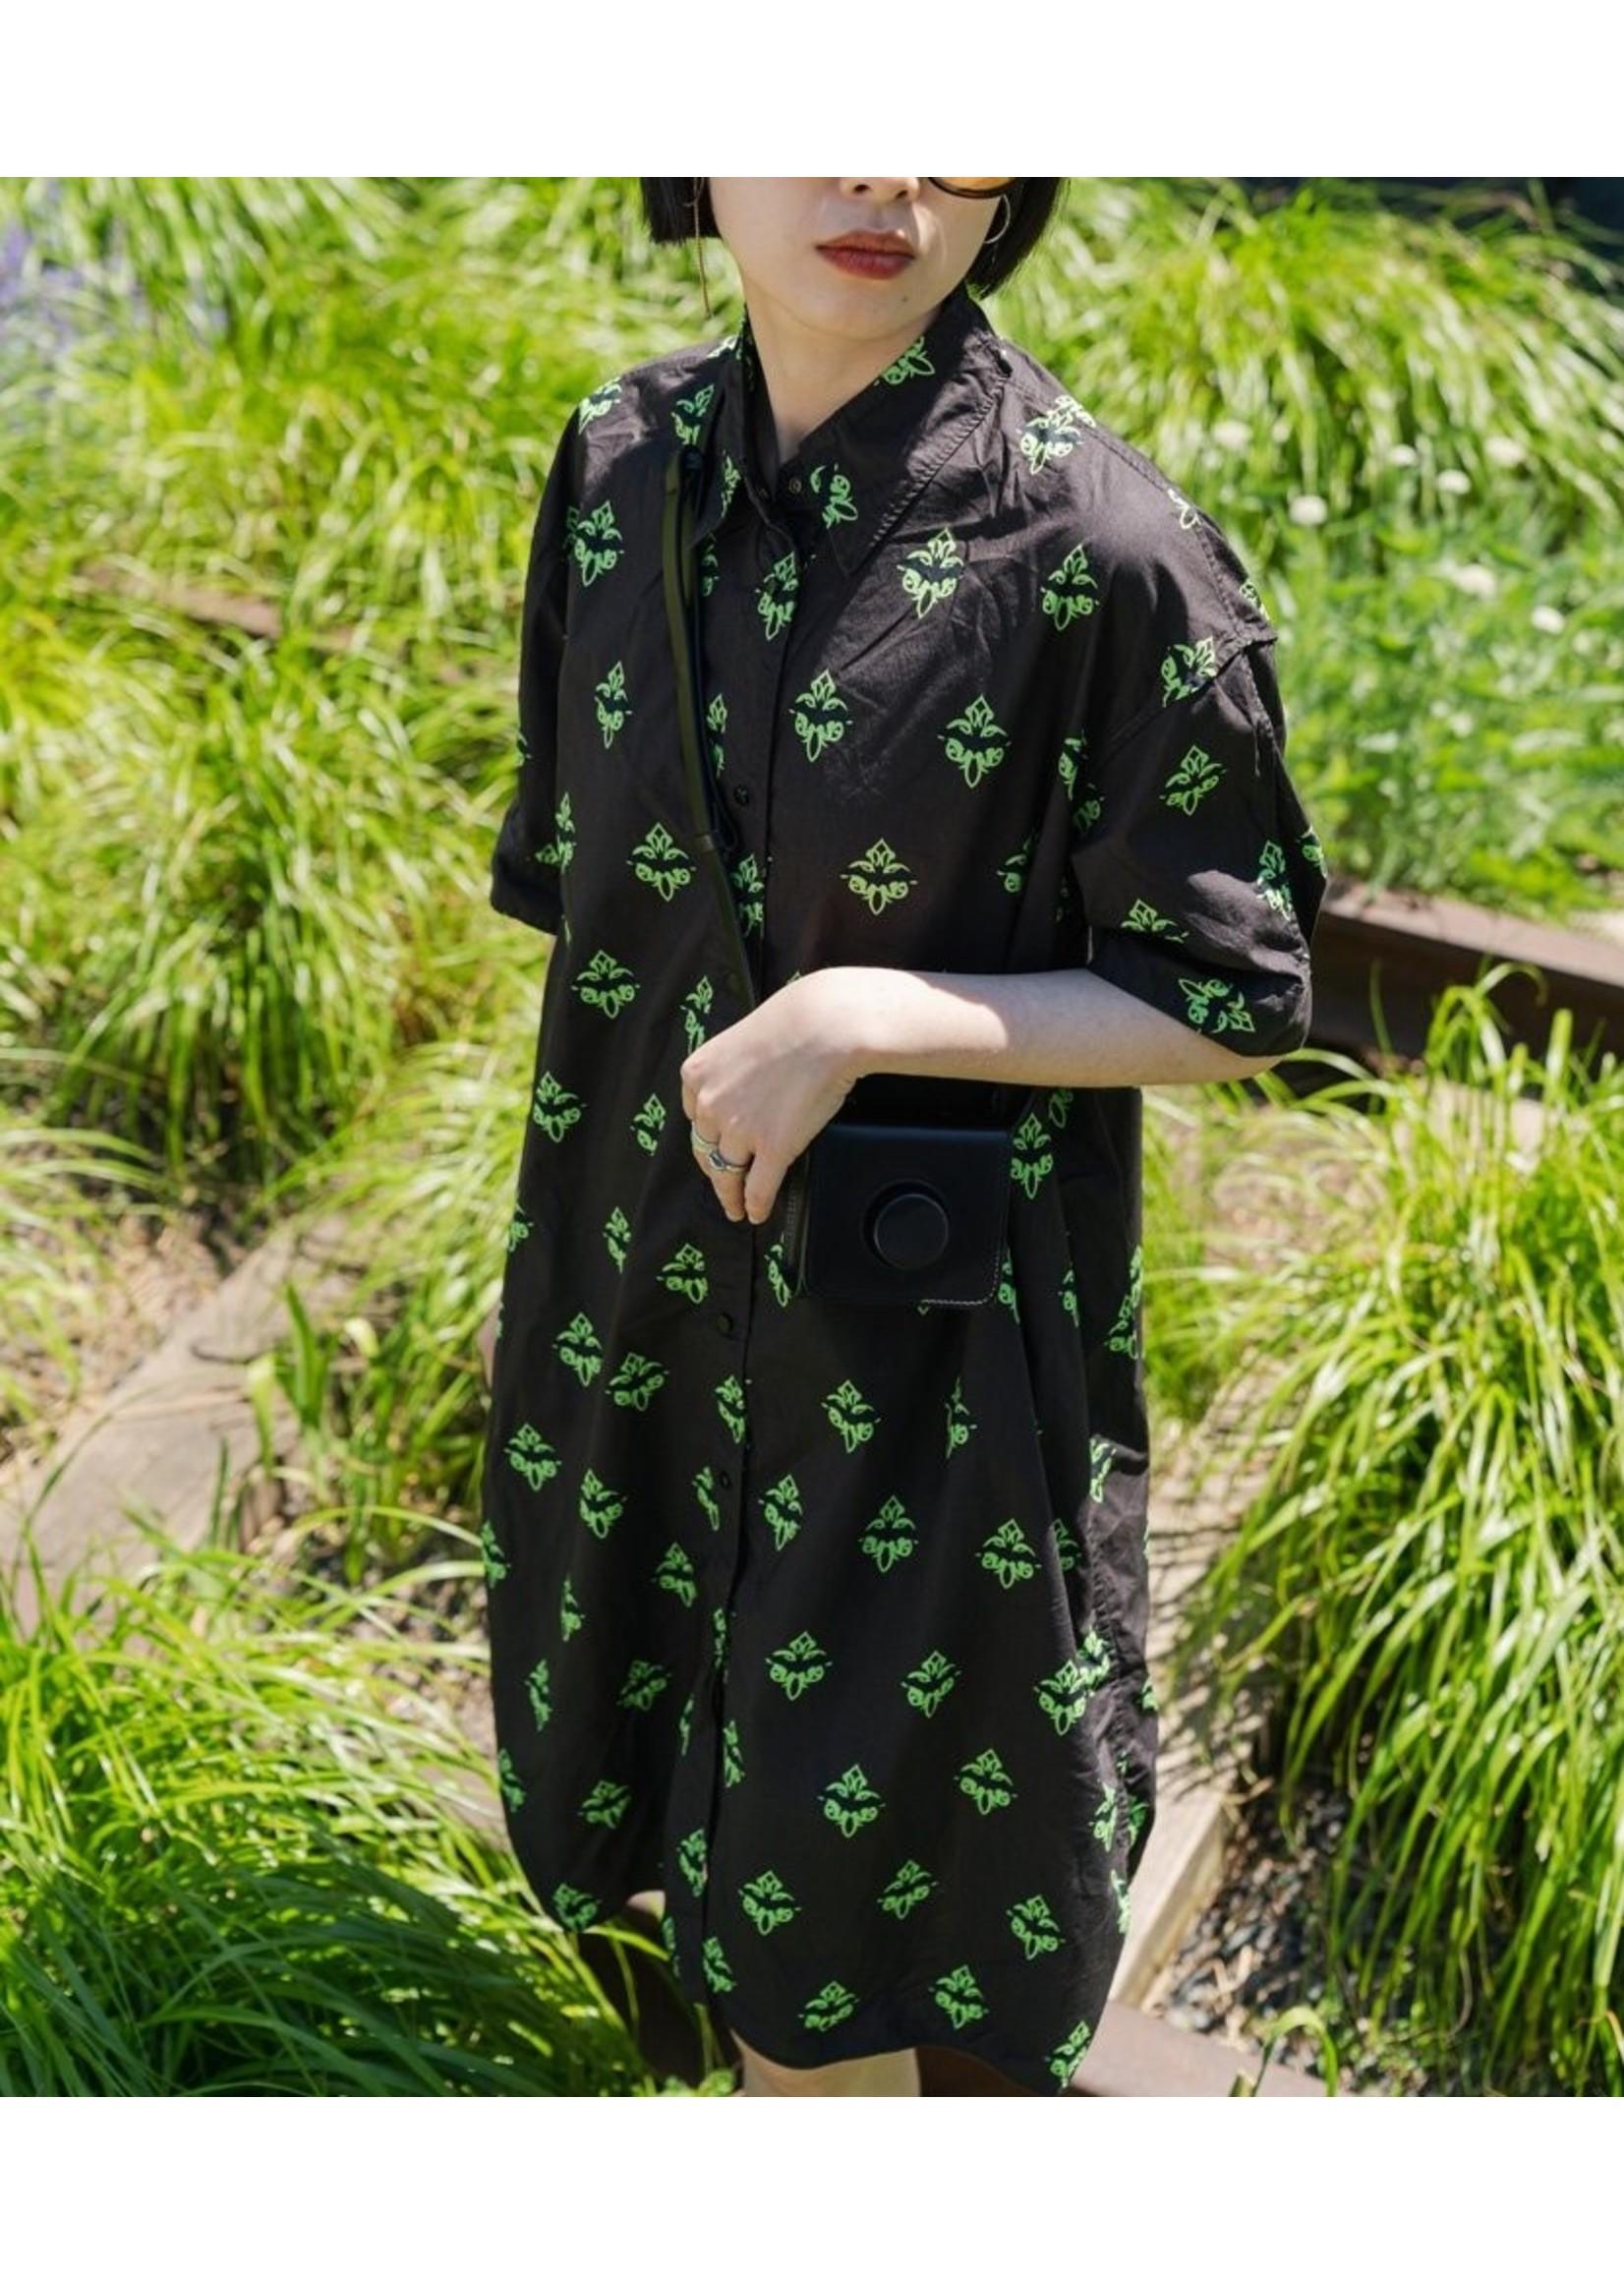 5k5100300 shirt dress xl green 100 cotton